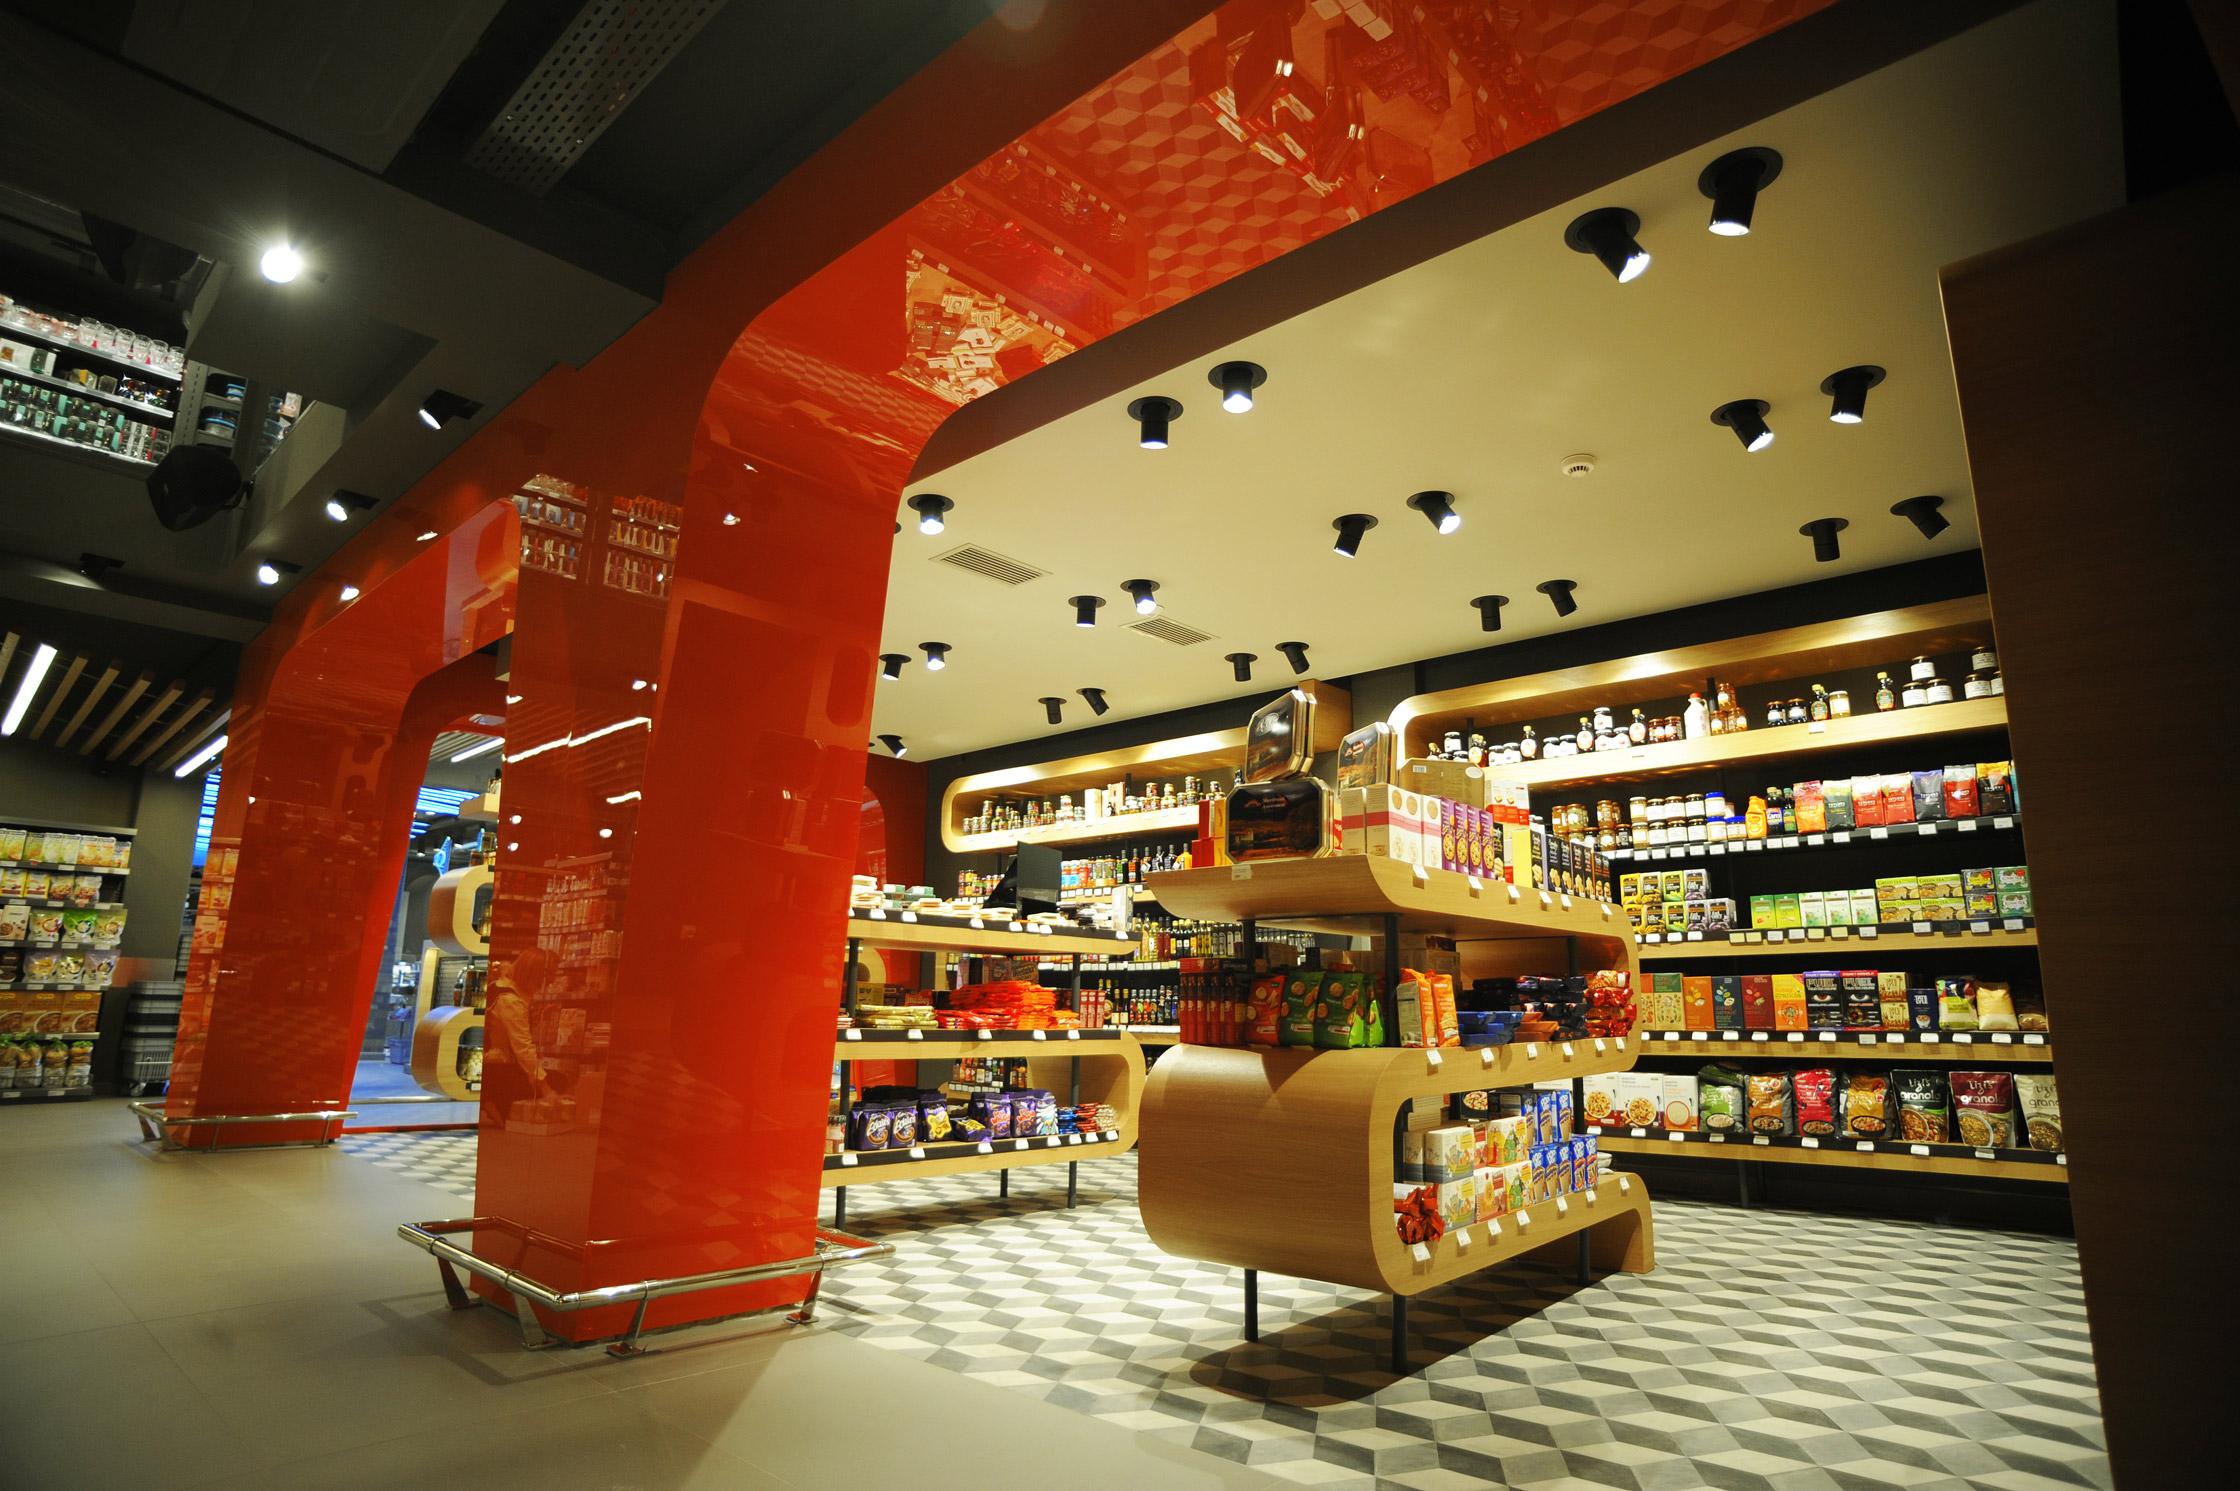 Το πιο πολυτελές σούπερμαρκετ στην Ελλάδα ζητά προσωπικό!Δείτε ΕΔΩ που να στείλετε βιογραφικό!